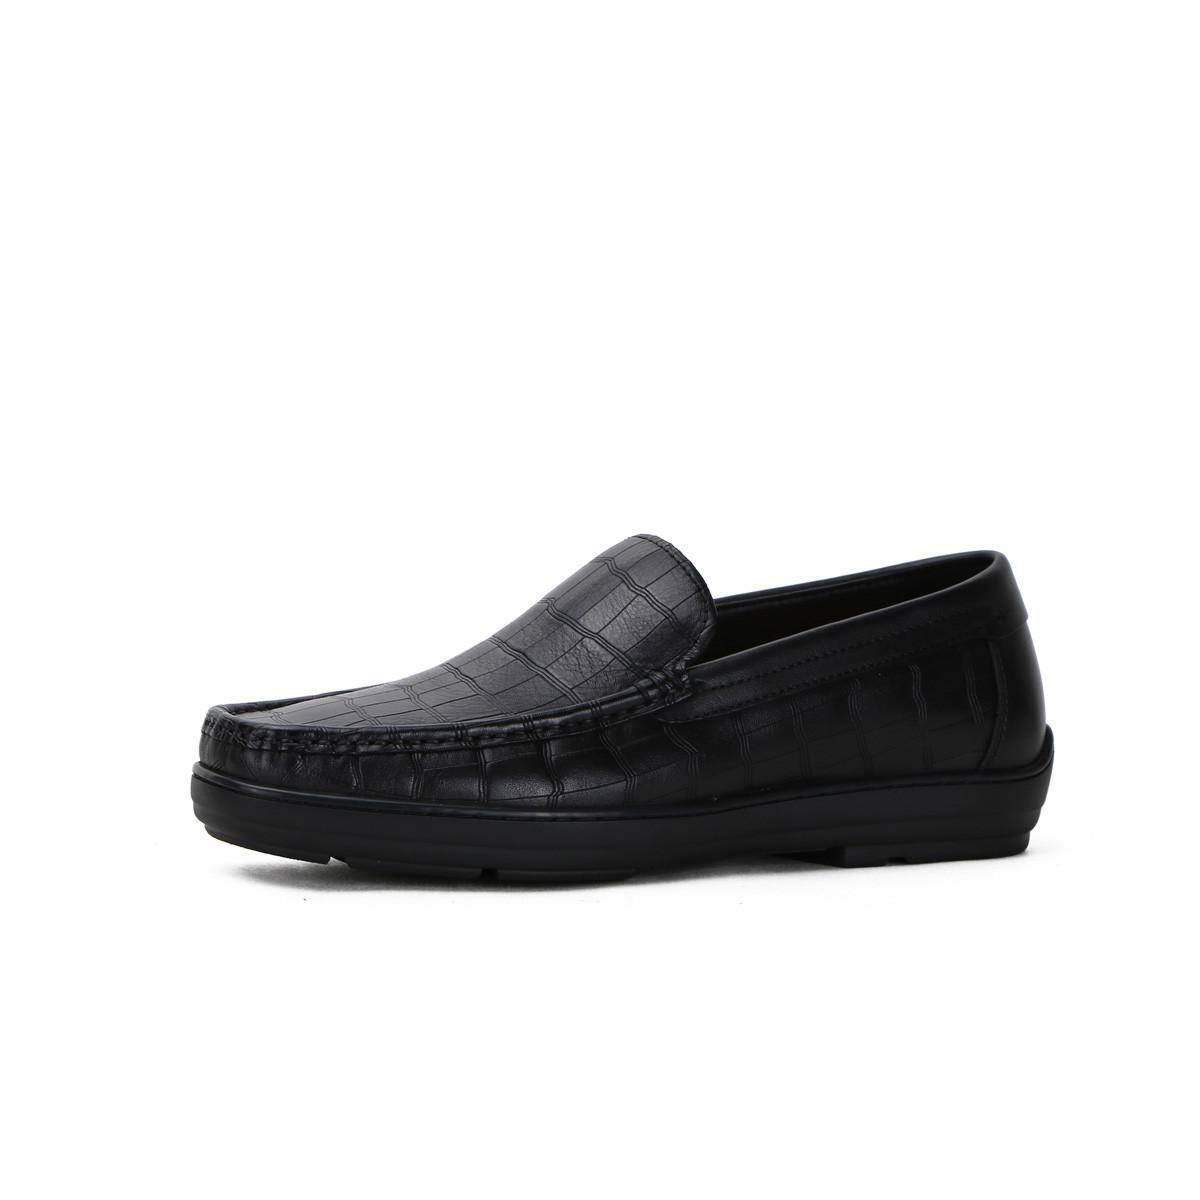 诺贝达摔纹牛皮配石头纹牛皮商务休闲一脚蹬男鞋男士皮鞋SRF59234A